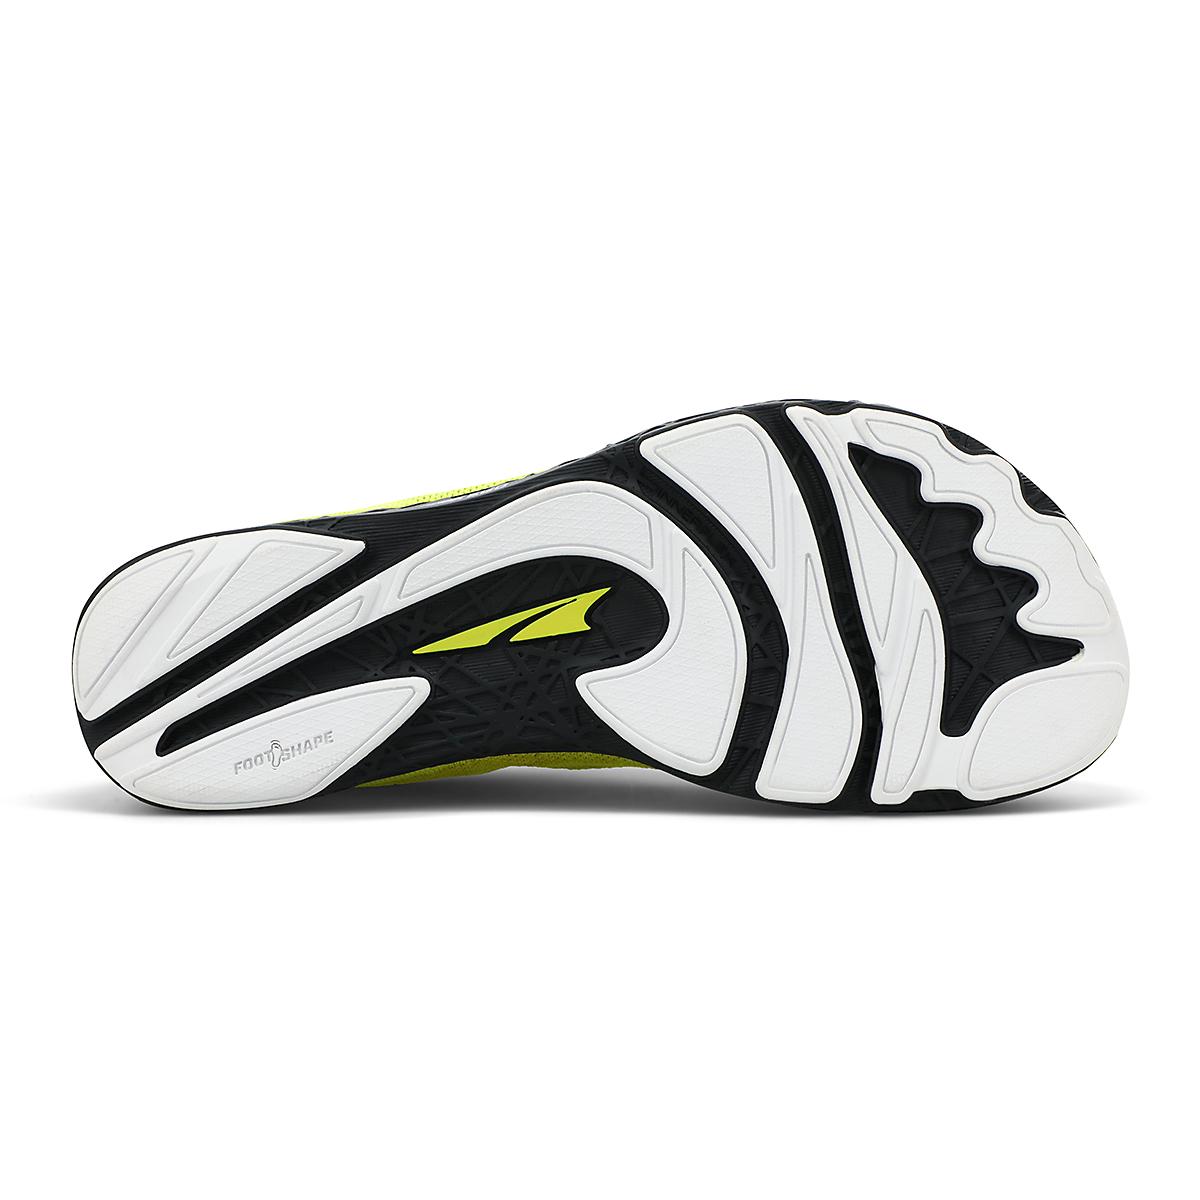 Men's Altra Escalante 2.5 Running Shoe - Color: Lime/Black - Size: 7 - Width: Regular, Lime/Black, large, image 4